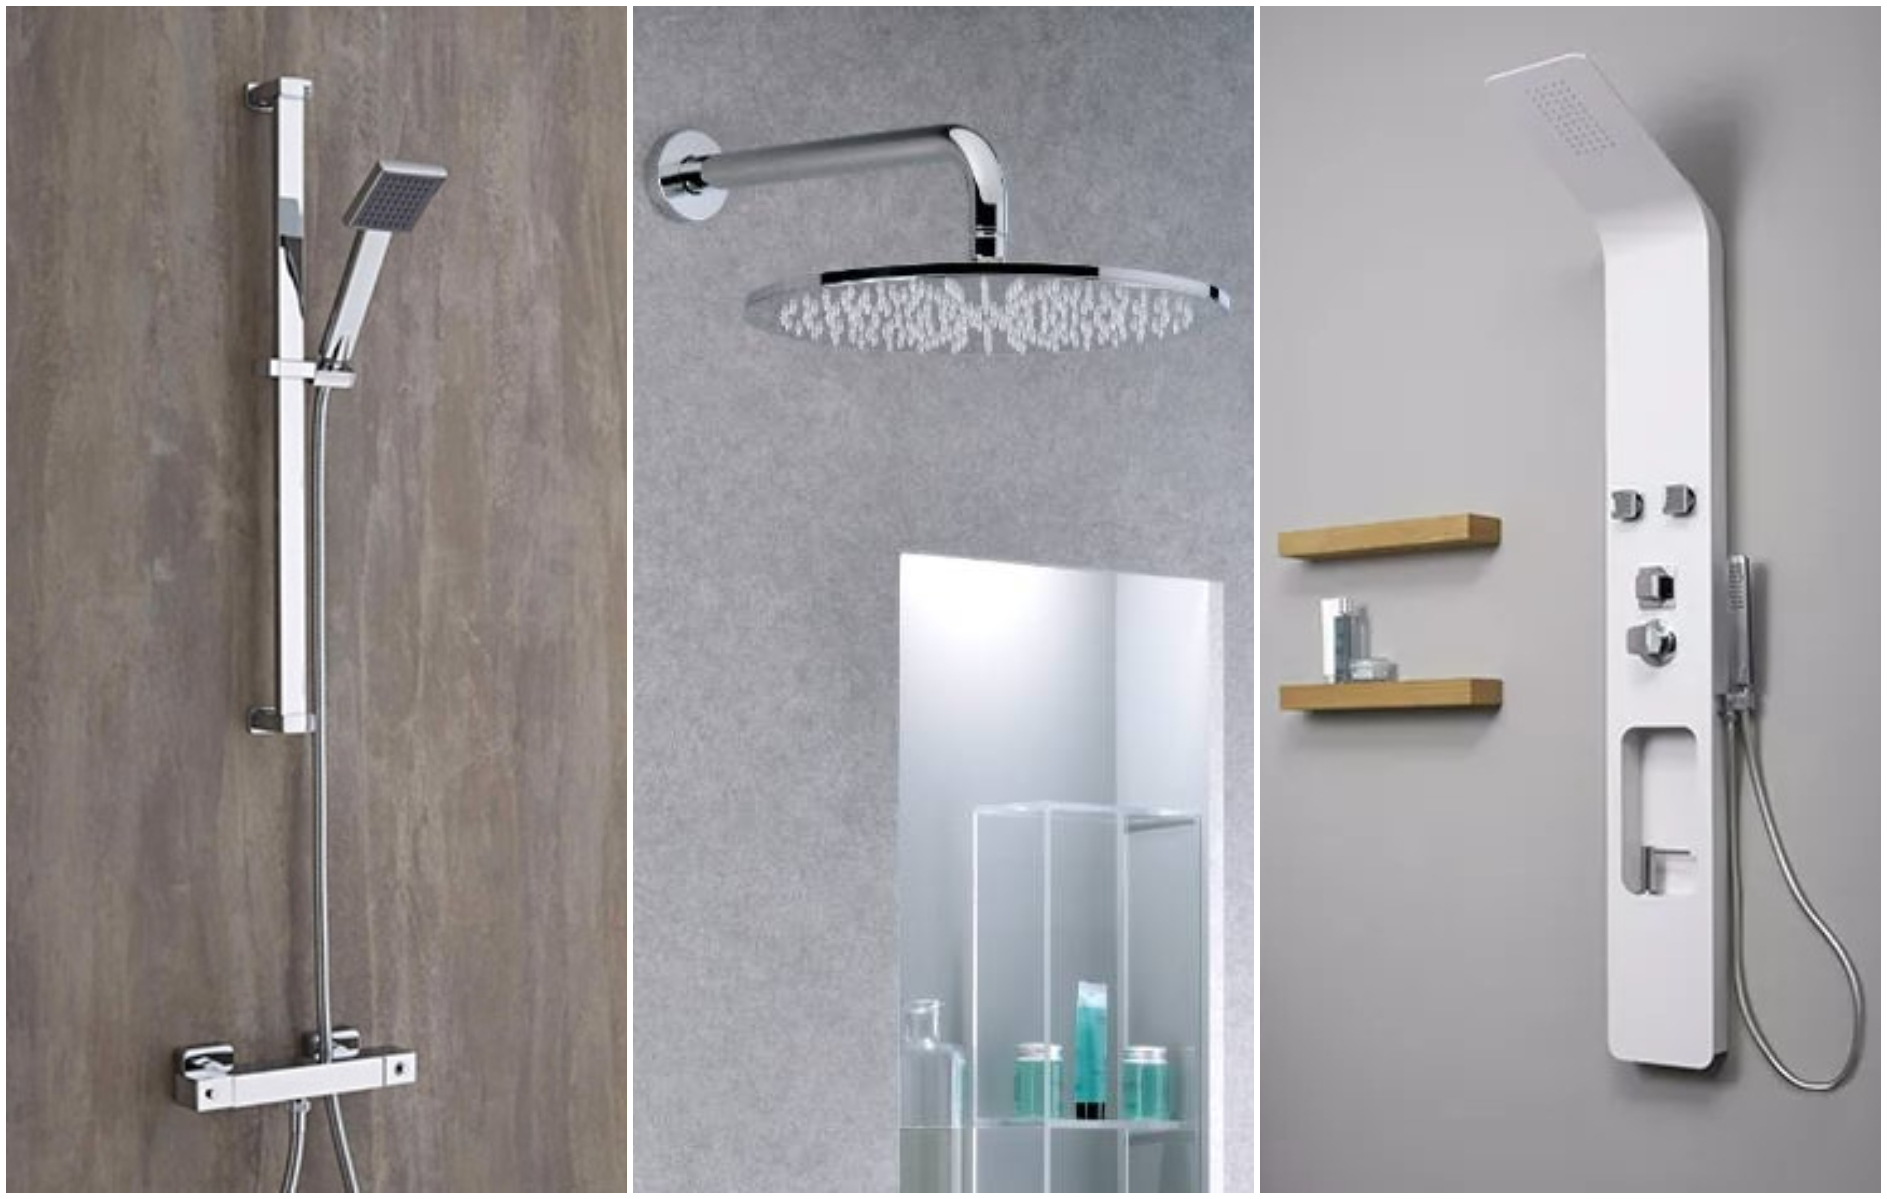 Guida all'installazione della doccia: meglio il saliscendi, il soffione o la colonna doccia?